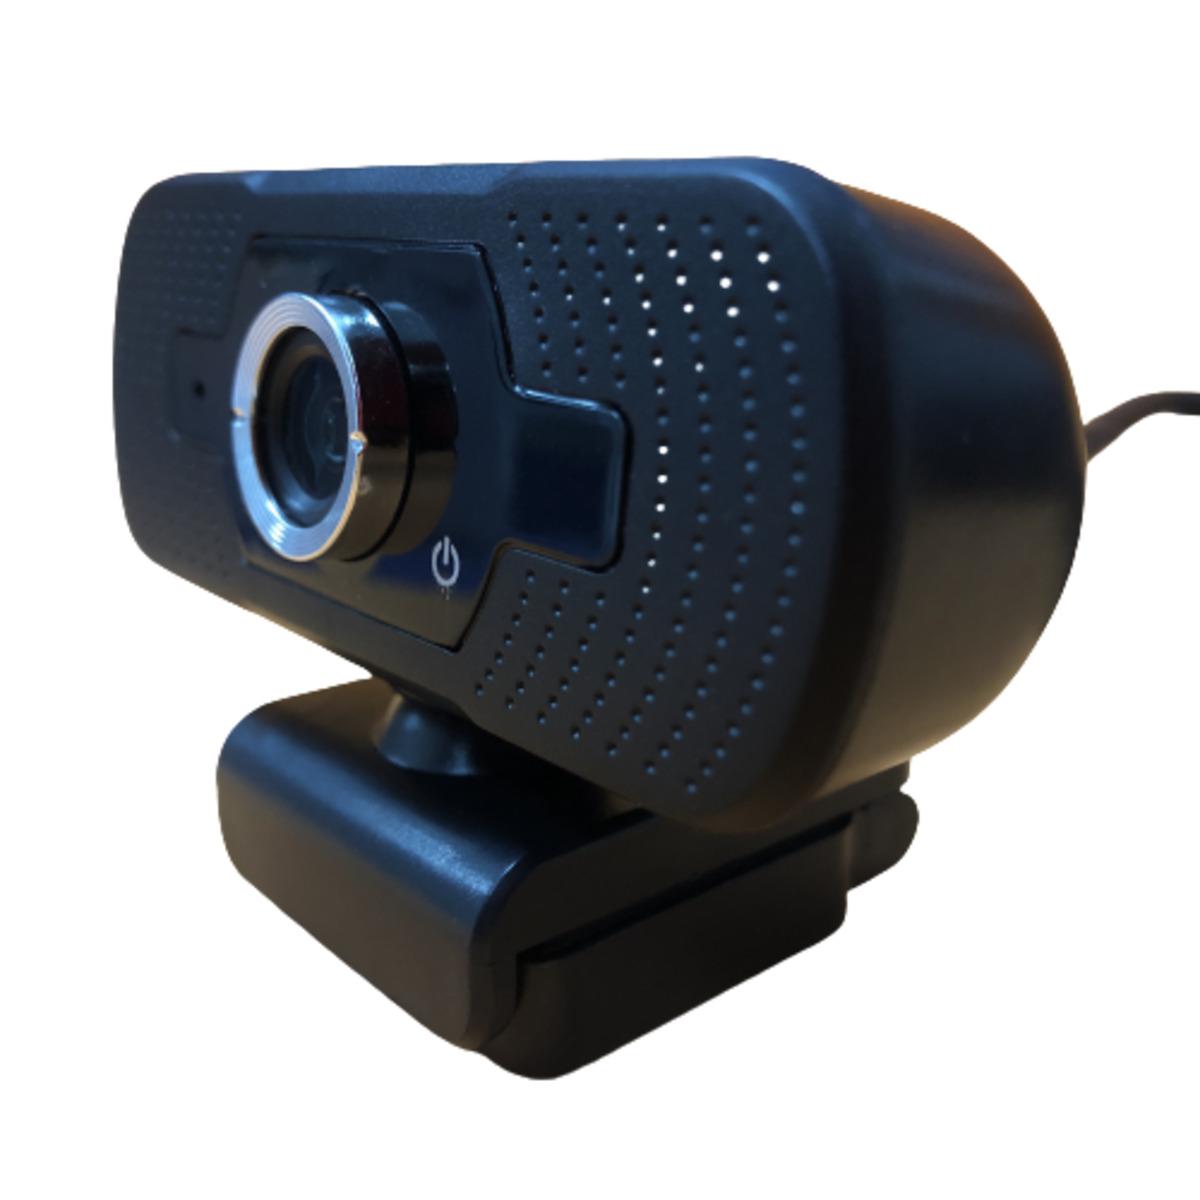 Webcam HD 1080p com microfone para videoconferência Preta FullHD